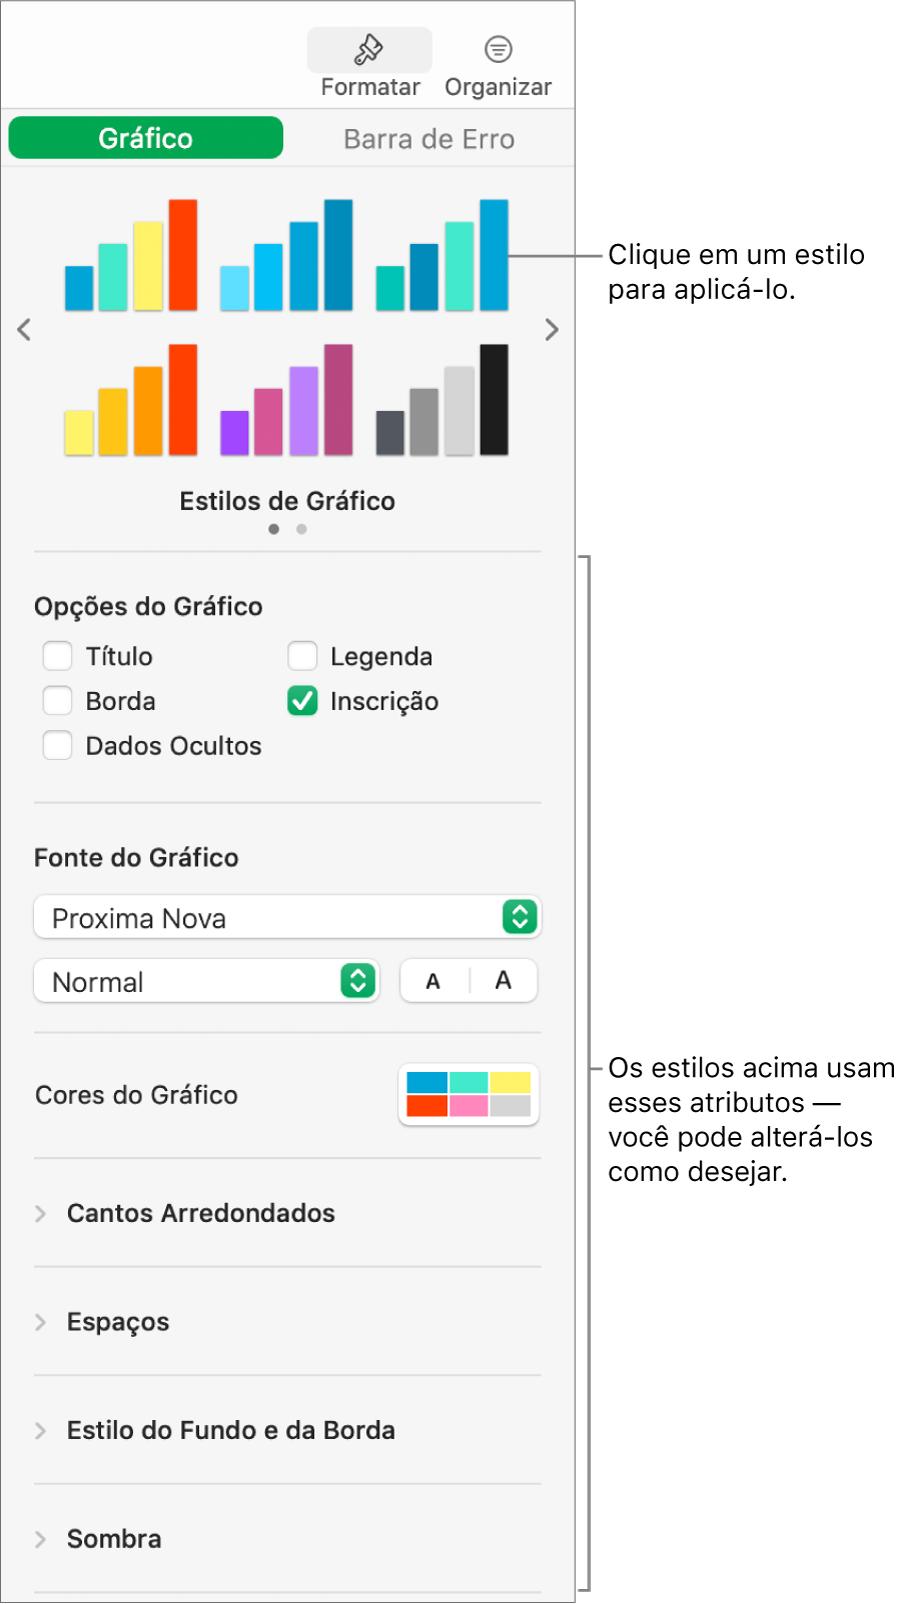 Barra lateral Formatar mostrando os controles para formatar gráficos.